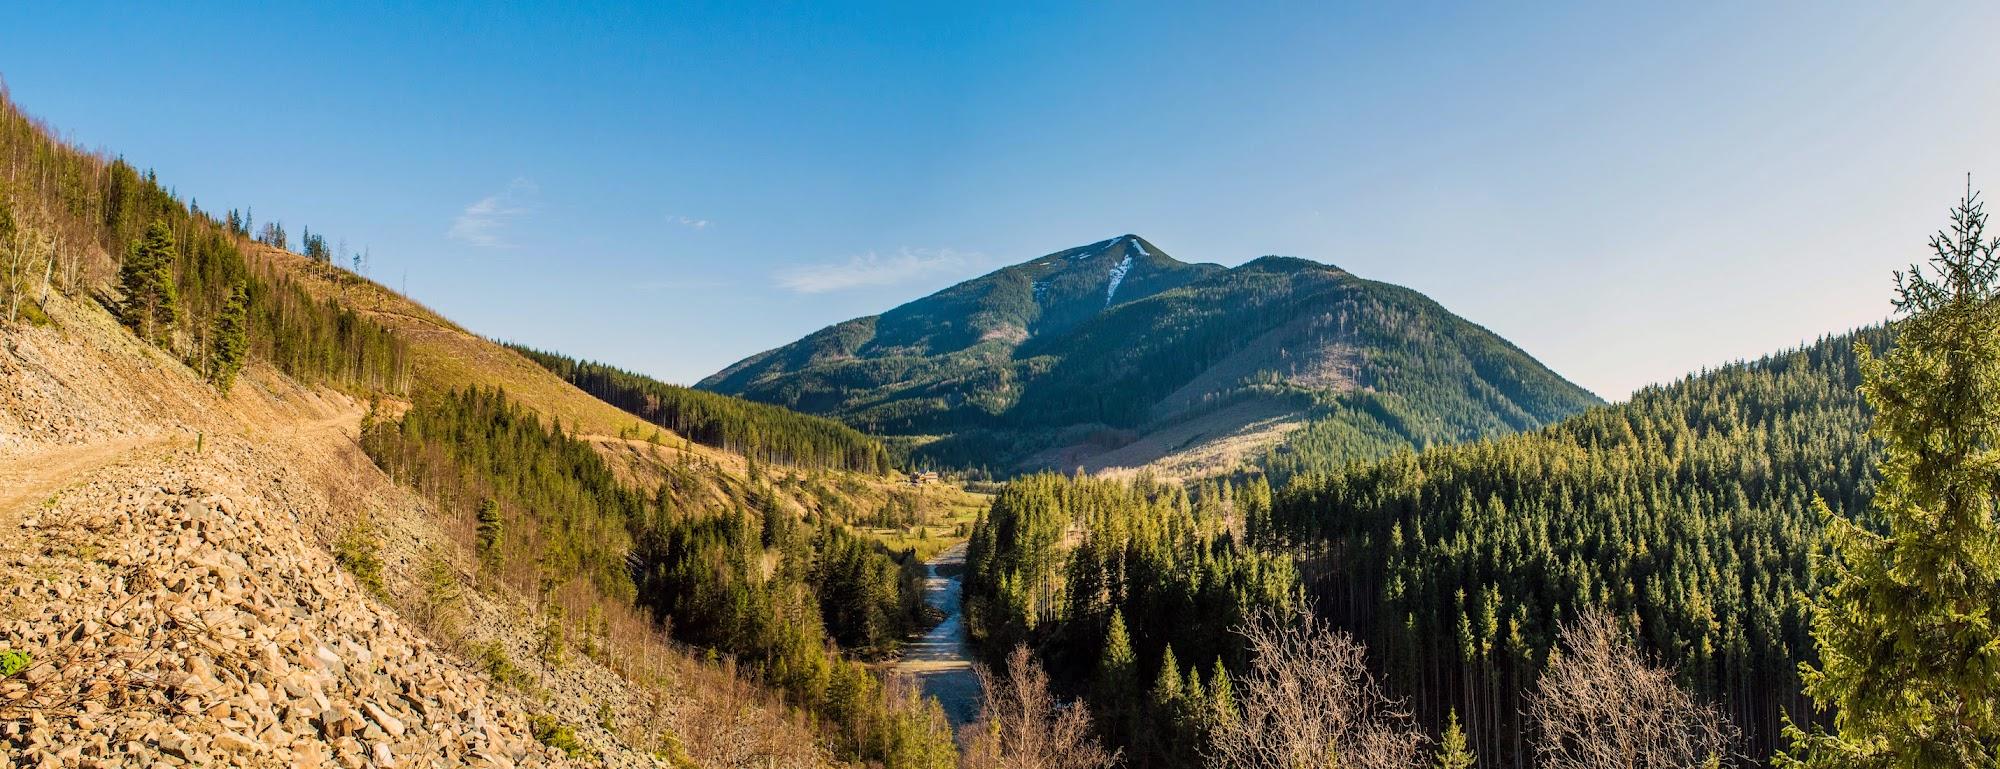 Дарів, Даріїв, Дарівське лісництво, Лімниця, лісовозна дорога, лісовозка